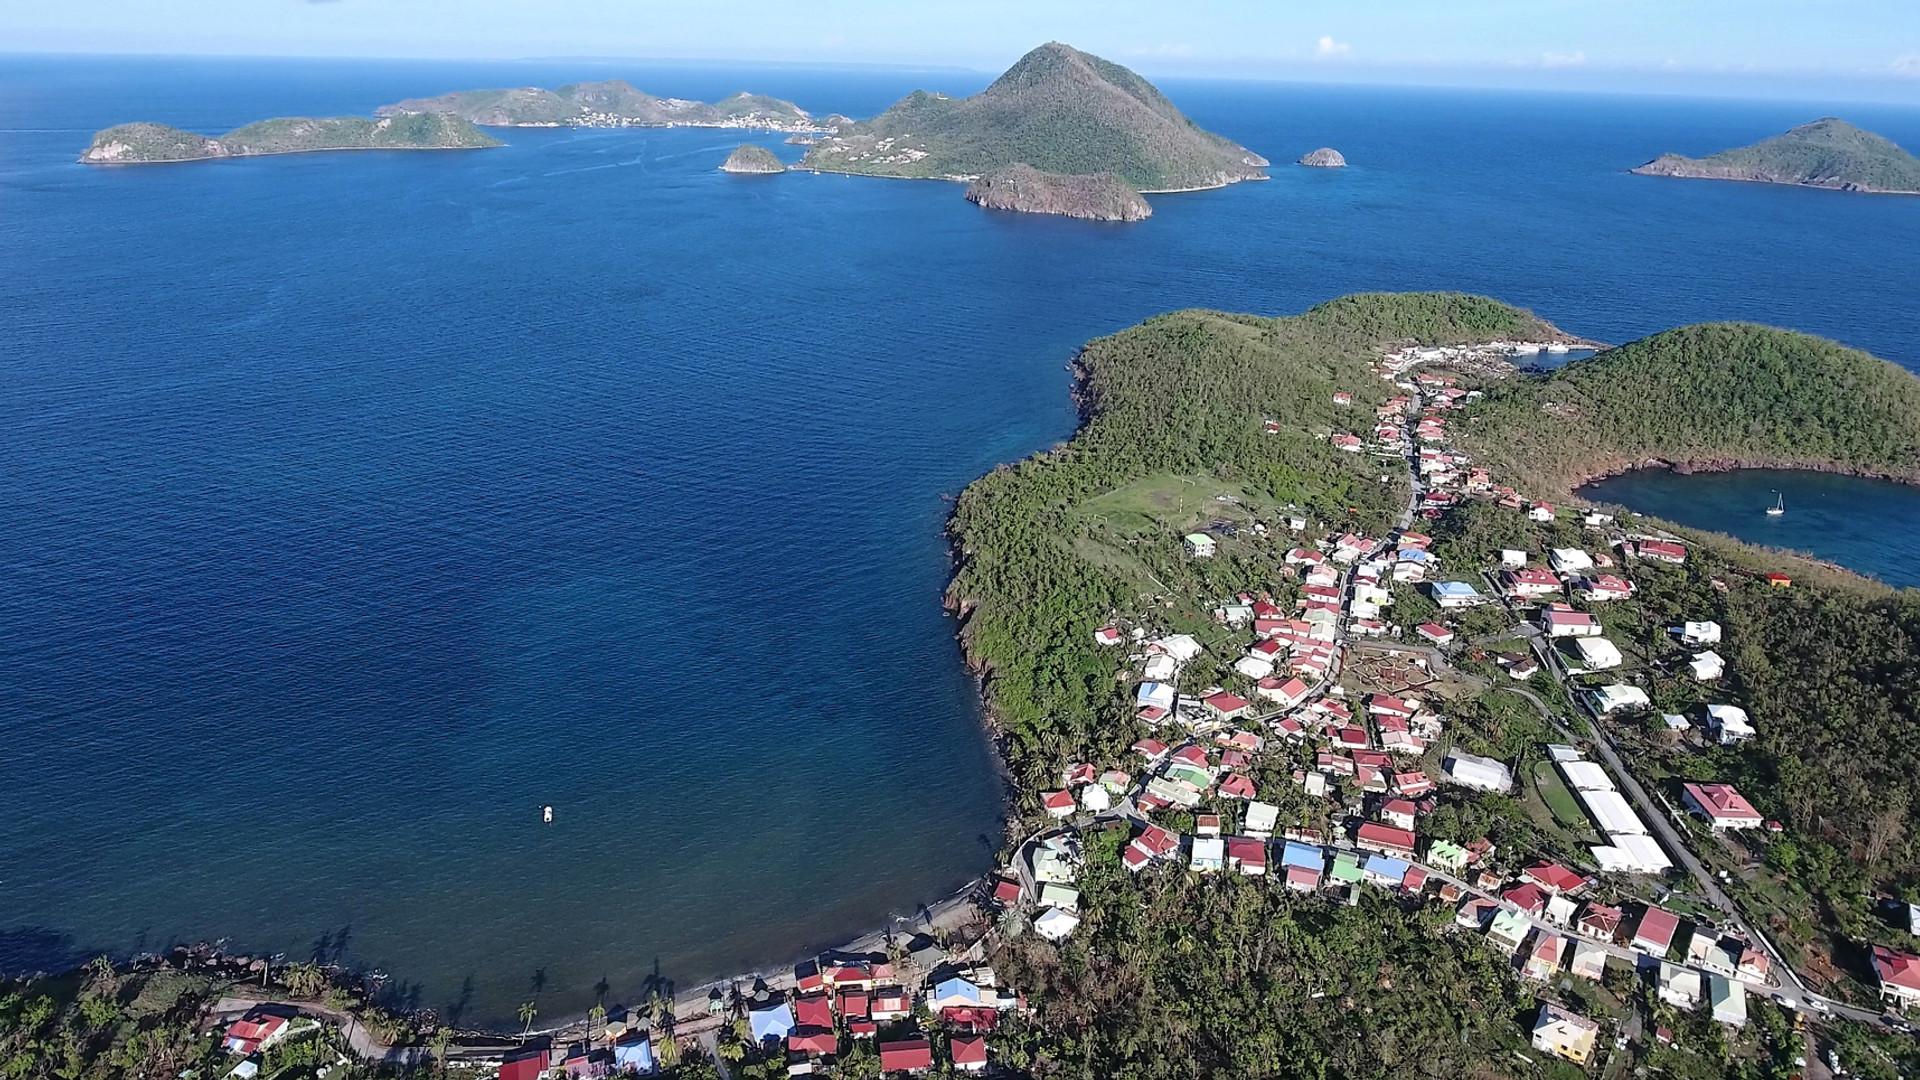 Vue aérienne Les Saintes - Résidence Coco d'Iles -  Les Saintes